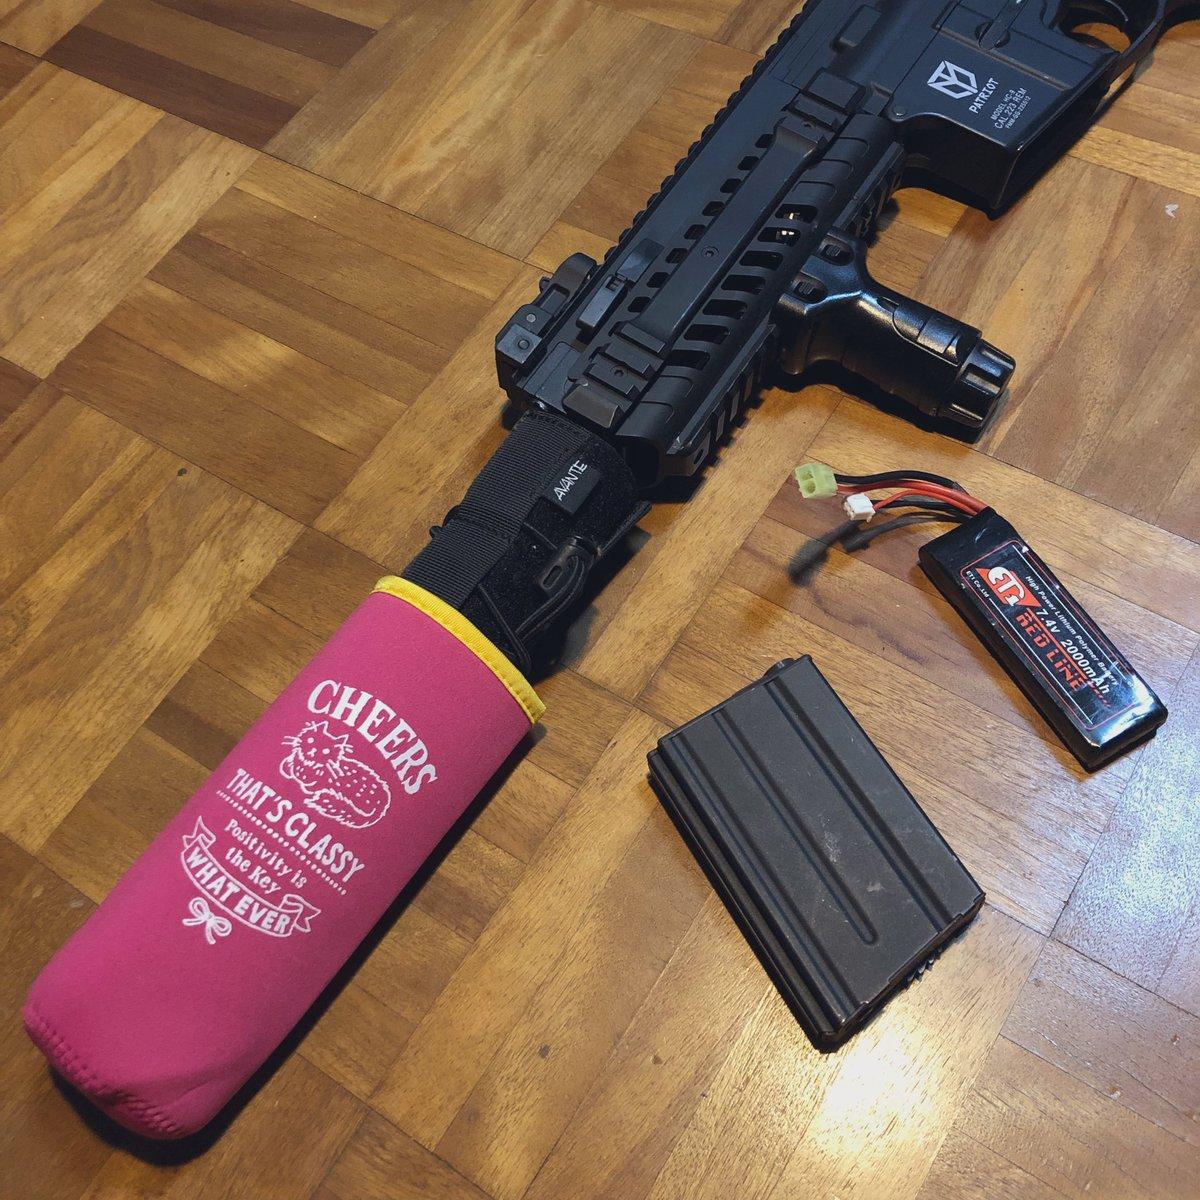 test ツイッターメディア - セーフティーエリアでの銃口管理に丁度いいかなーと思って、100均の #Seria で500mlペットボトル用カバーを買ってみました。  ちなみに、この状態で撃ってみましたが、弾は貫通しませんでしたよ。  #銃口カバー #サバゲー装備 https://t.co/FwtN83wOCG